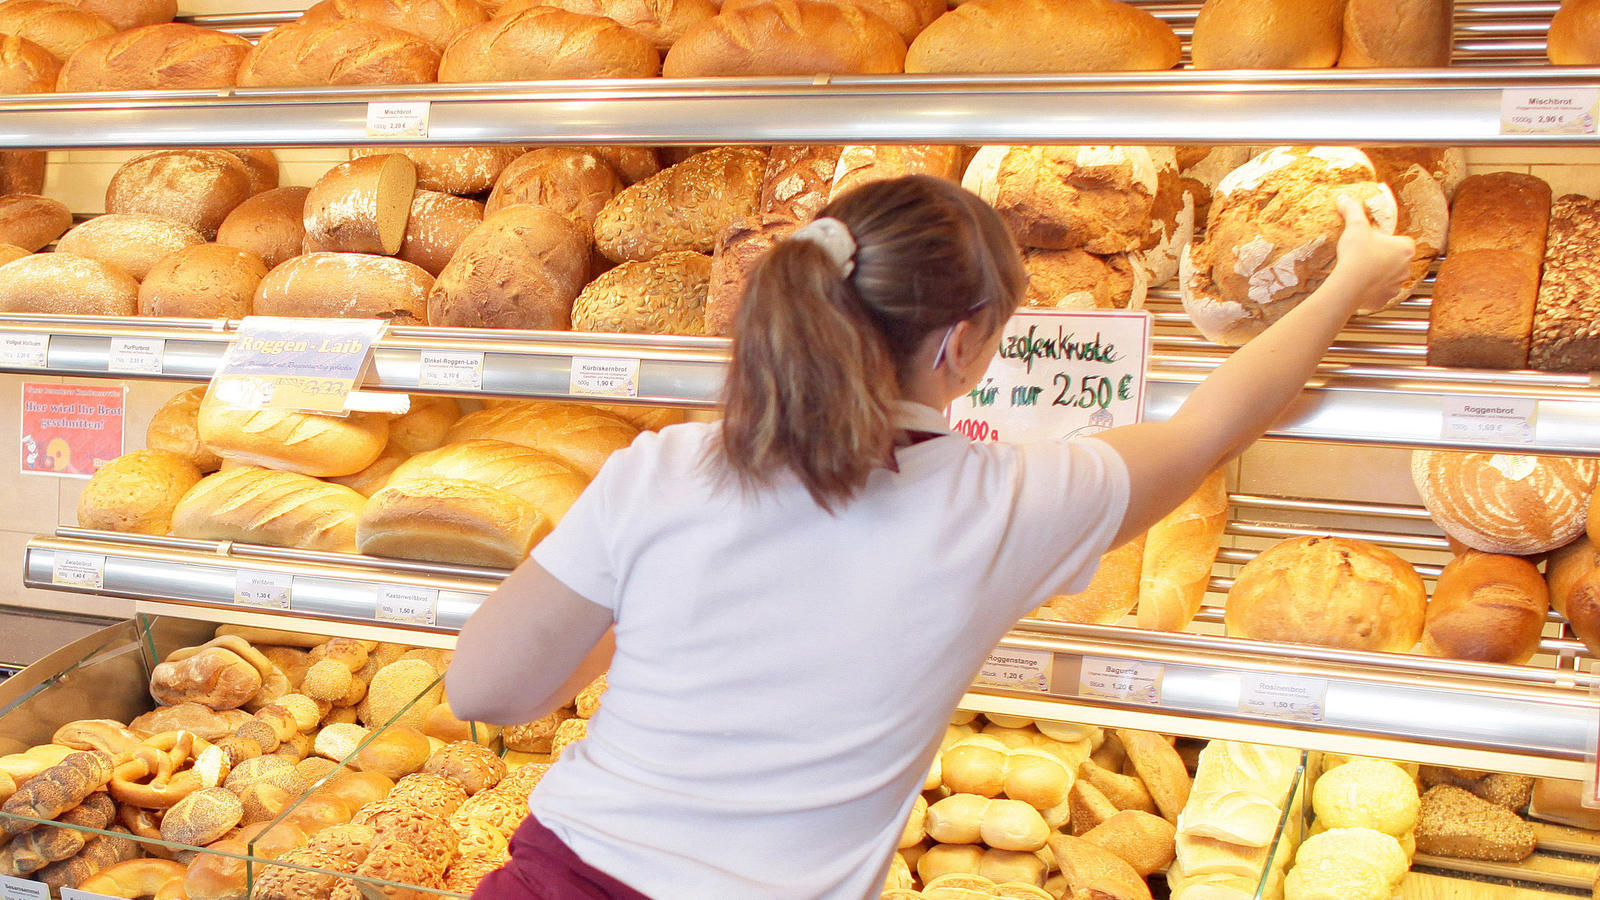 Die Deutschen haben in der Corona-Krise wieder häufiger beim Bäcker nebenan eingekauft. Trotzdem sind die Gesamtumsätze zurückgegangen.